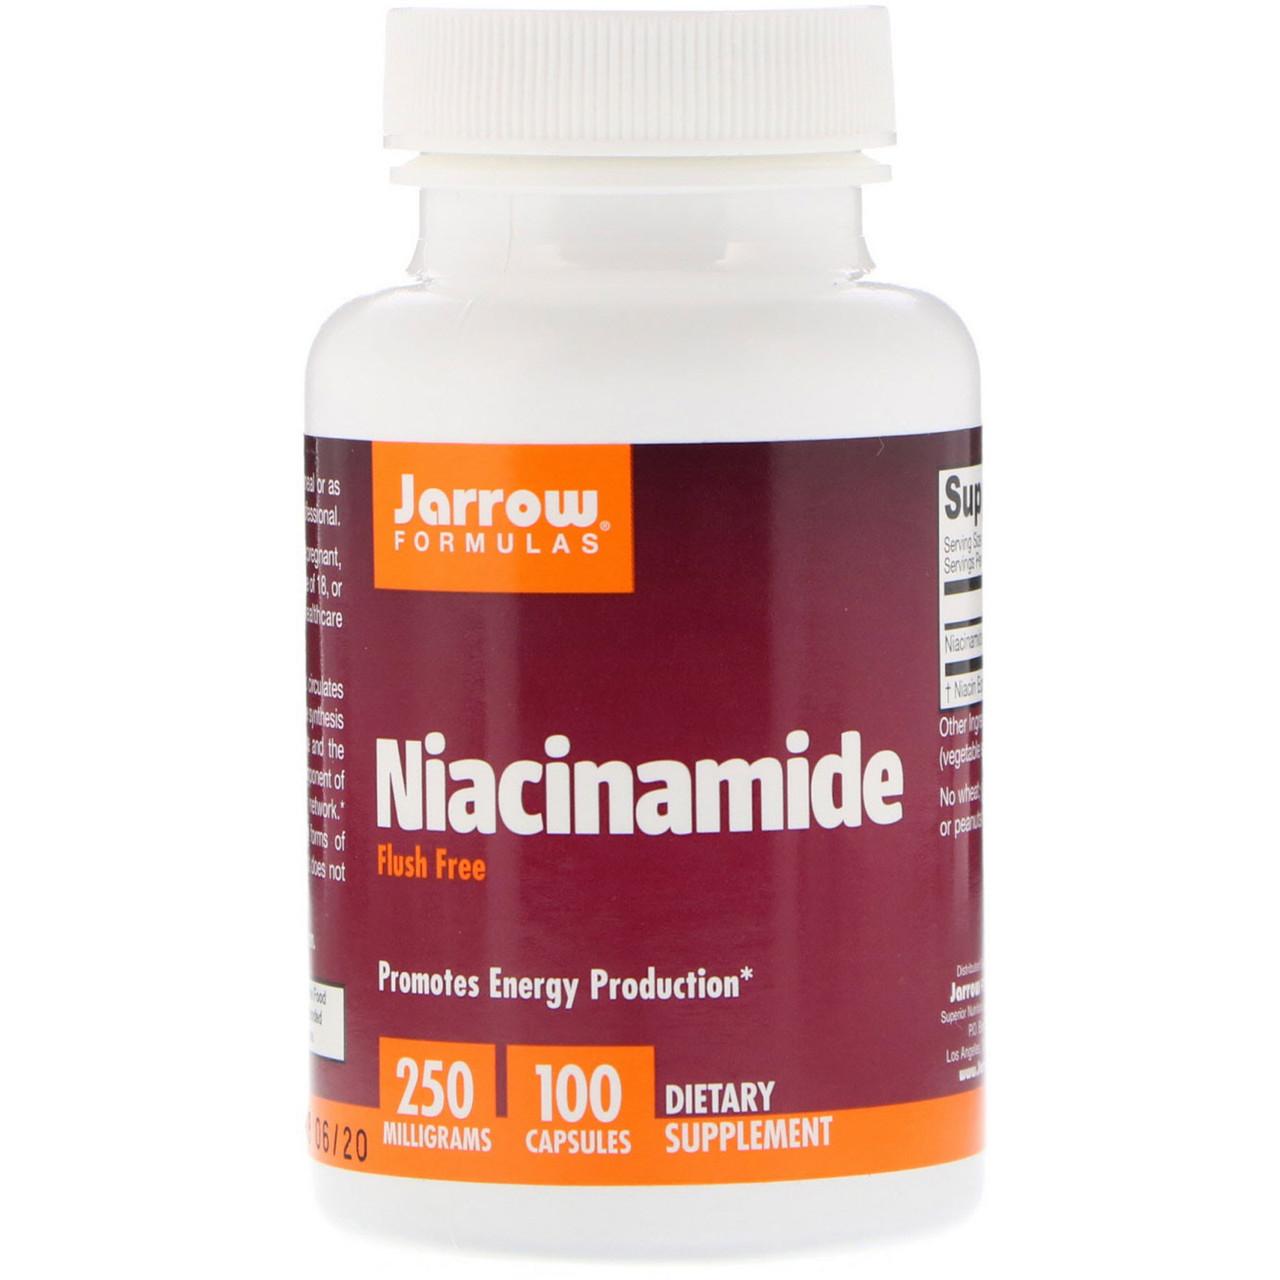 Витамин B3 Никотинамид, 250 мг, Jarrow Formulas, 100 капсул